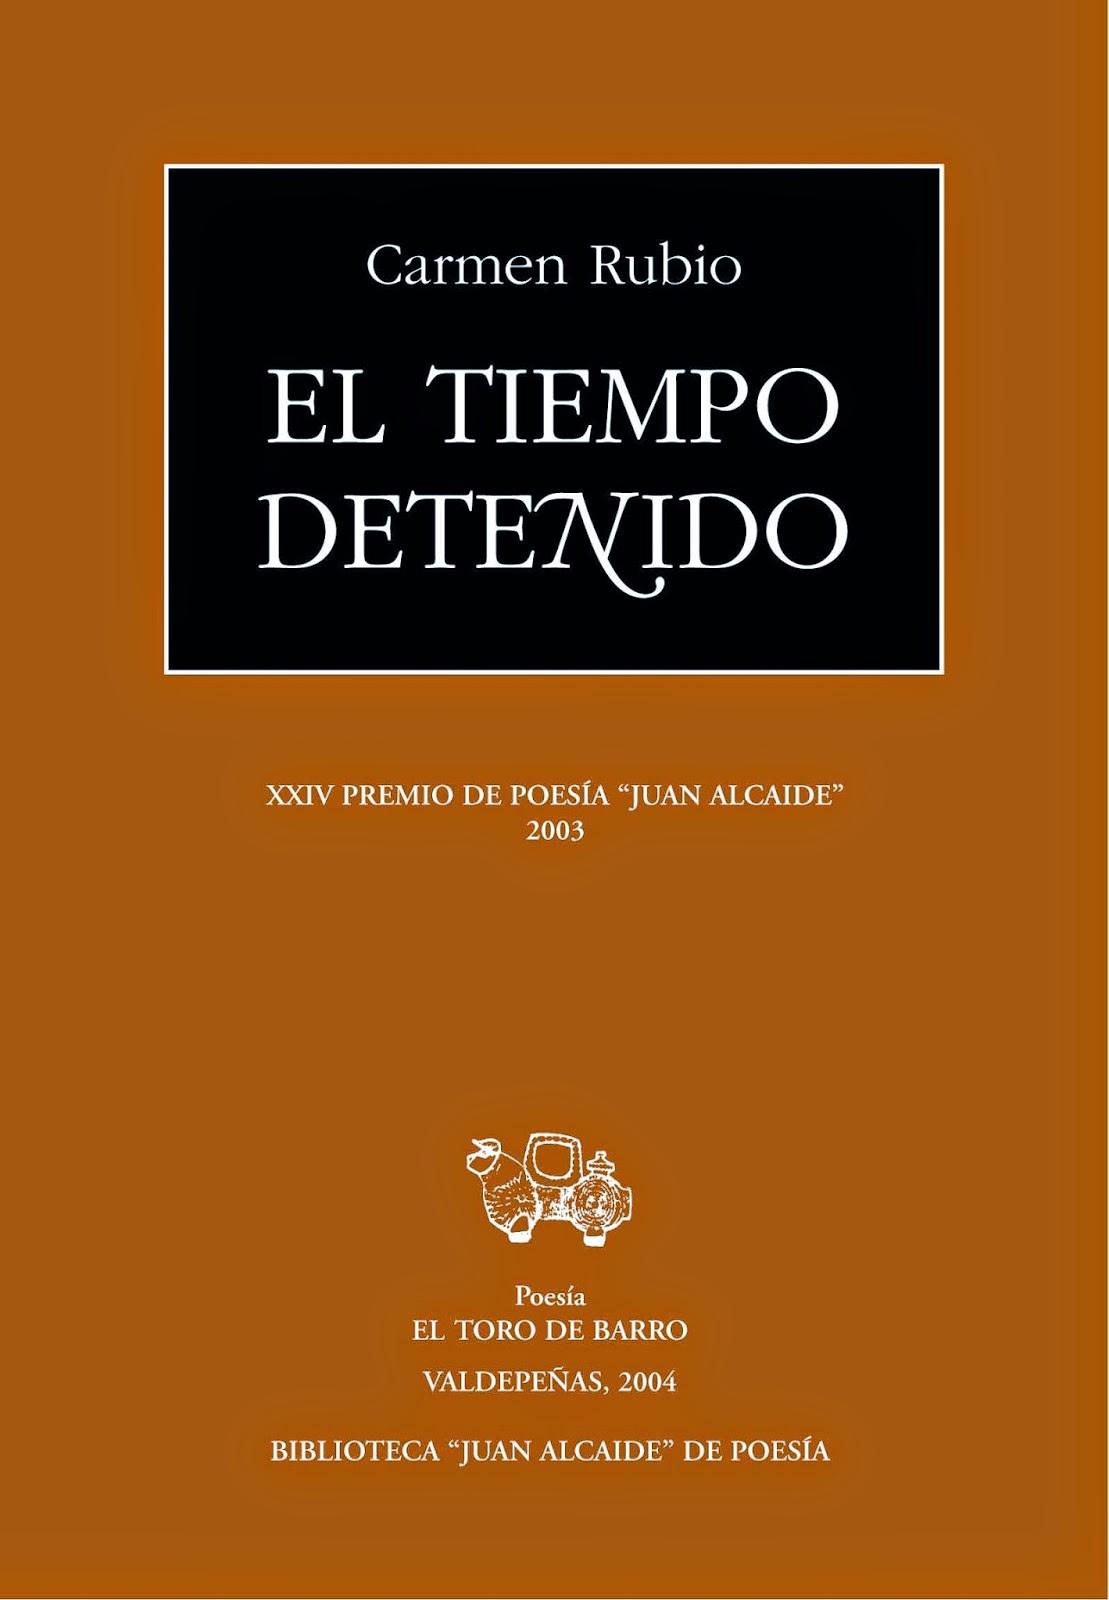 """Carmen Rubio, """"El tiempo detenido""""  Premio Juan Alcaide de poesía.  Ed. El Toro de Barro, Carlos Morales ed.  Tarancón de Cuenca, 2004.  edicioneseltorodebarro@yahoo.es  PVP: 10 euros."""